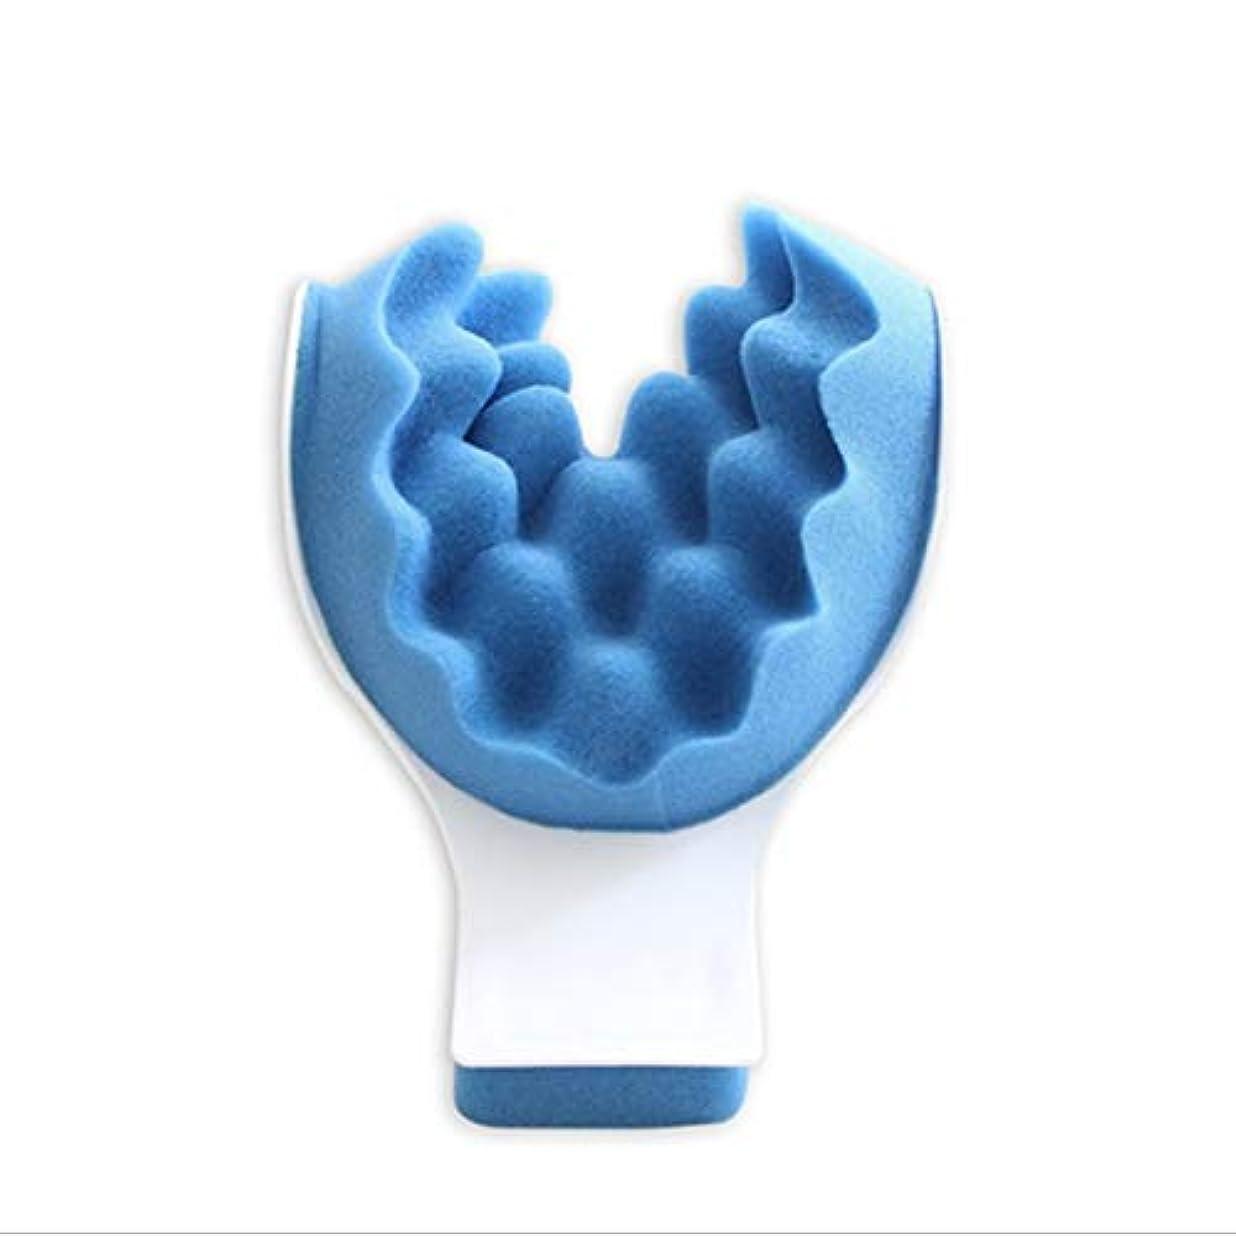 怖い咲く破裂マッスルテンションリリーフタイトネスと痛みの緩和セラピーティックネックサポートテンションリリーフネック&ショルダーリラクサー - ブルー